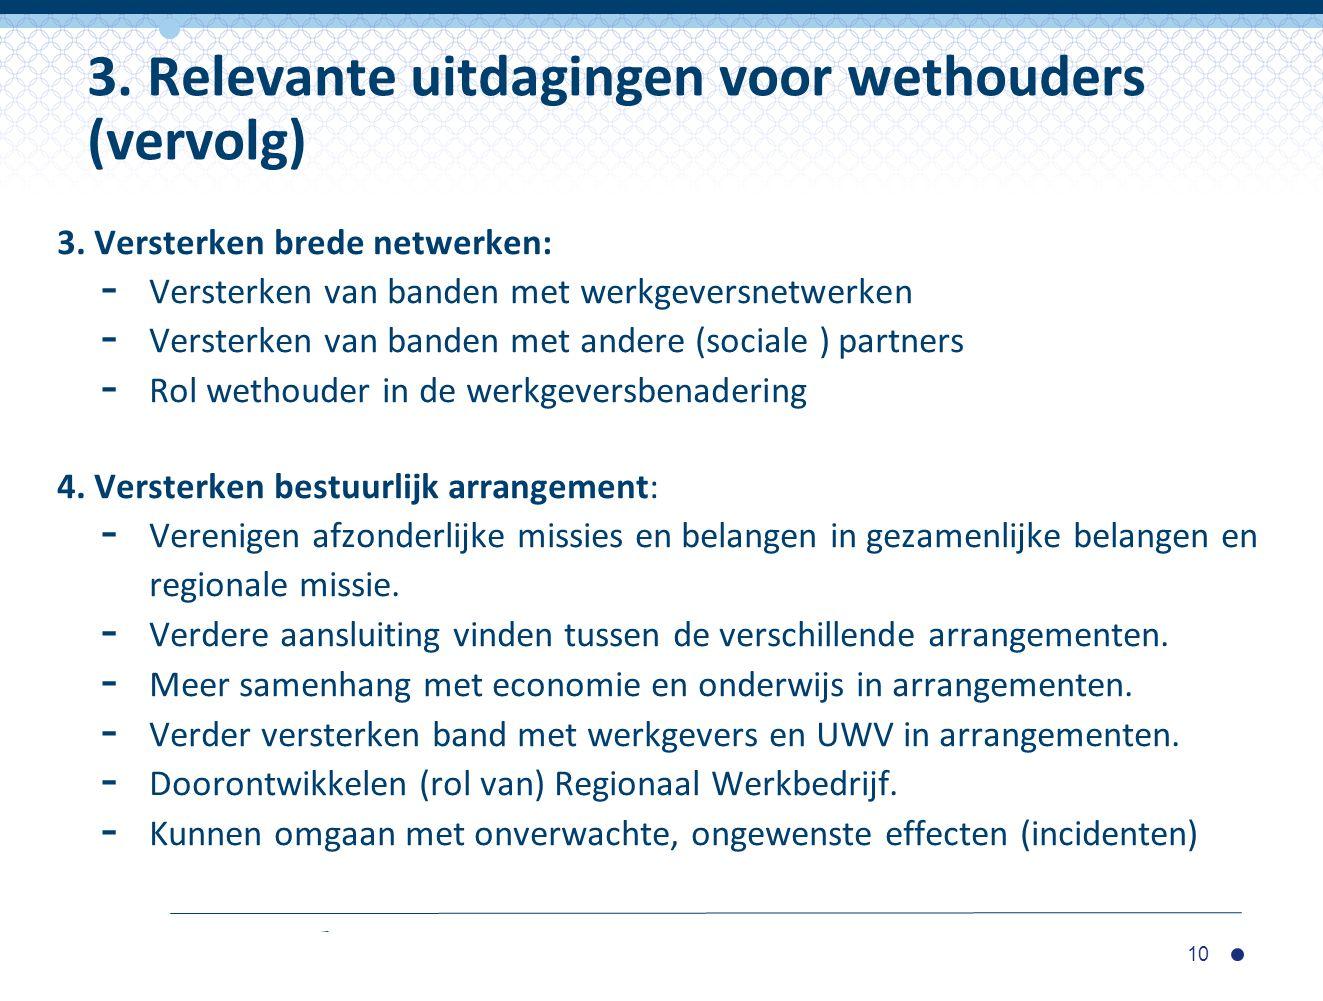 3. Versterken brede netwerken: - Versterken van banden met werkgeversnetwerken - Versterken van banden met andere (sociale ) partners - Rol wethouder